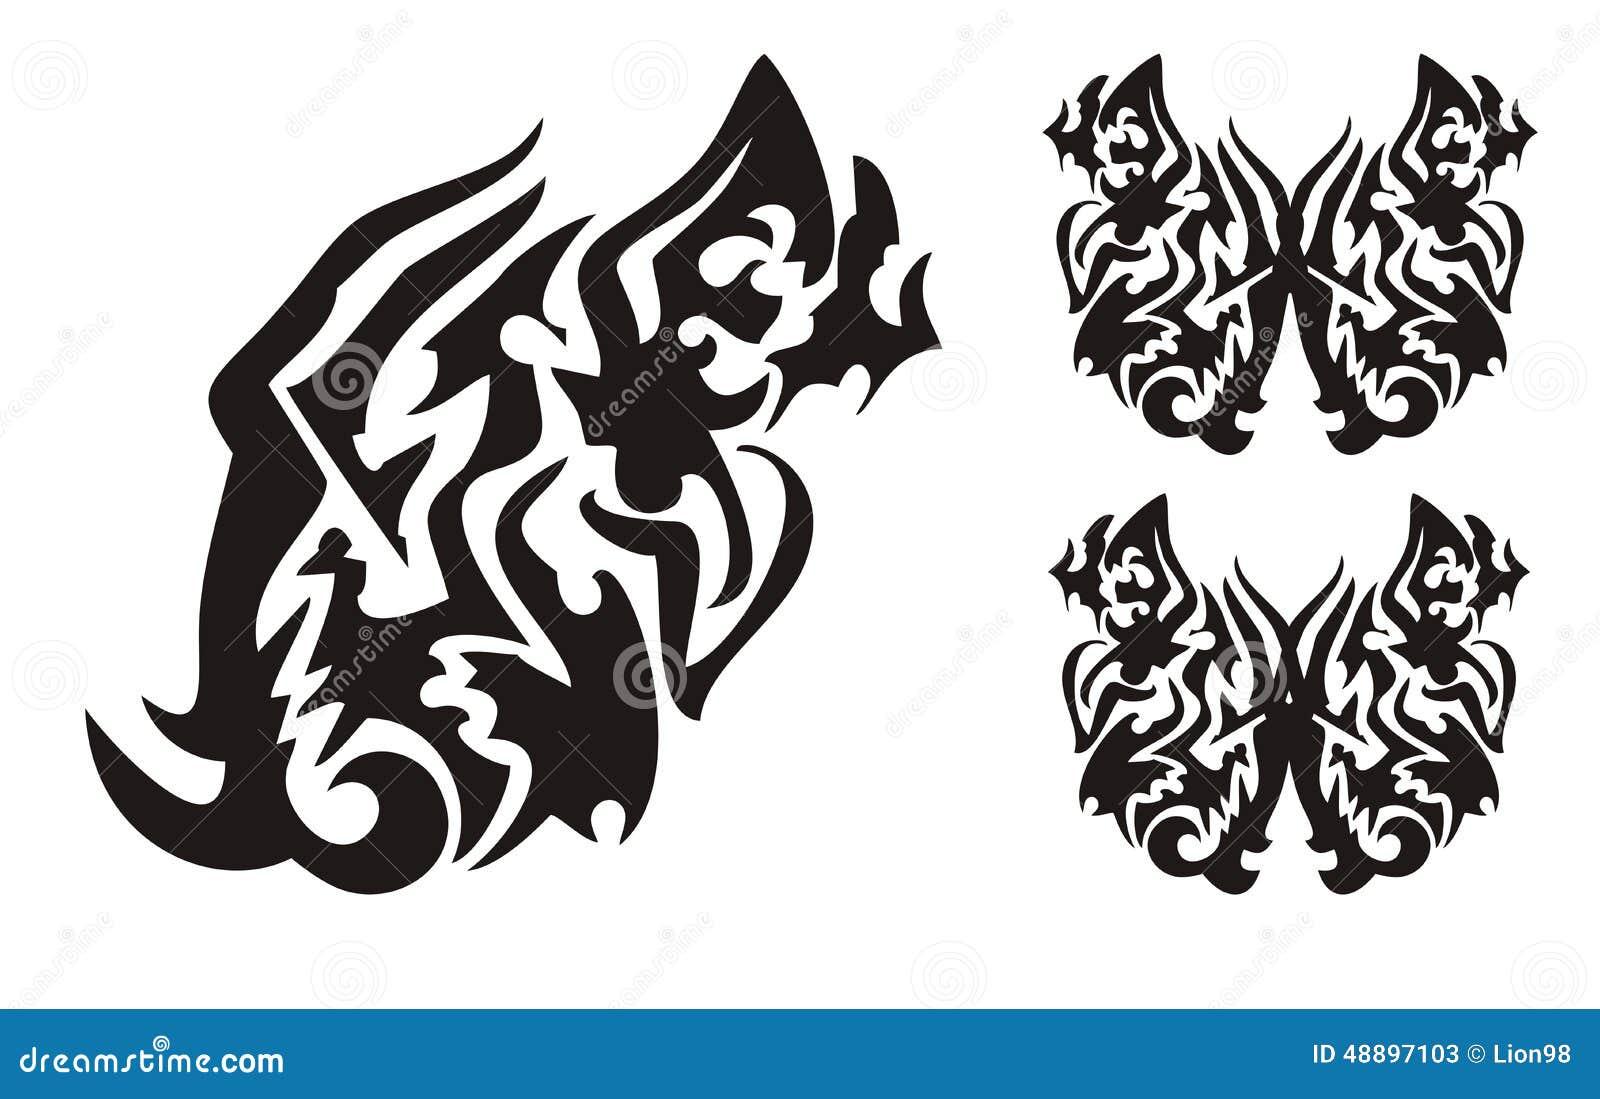 tatouage dragon avec des ailes